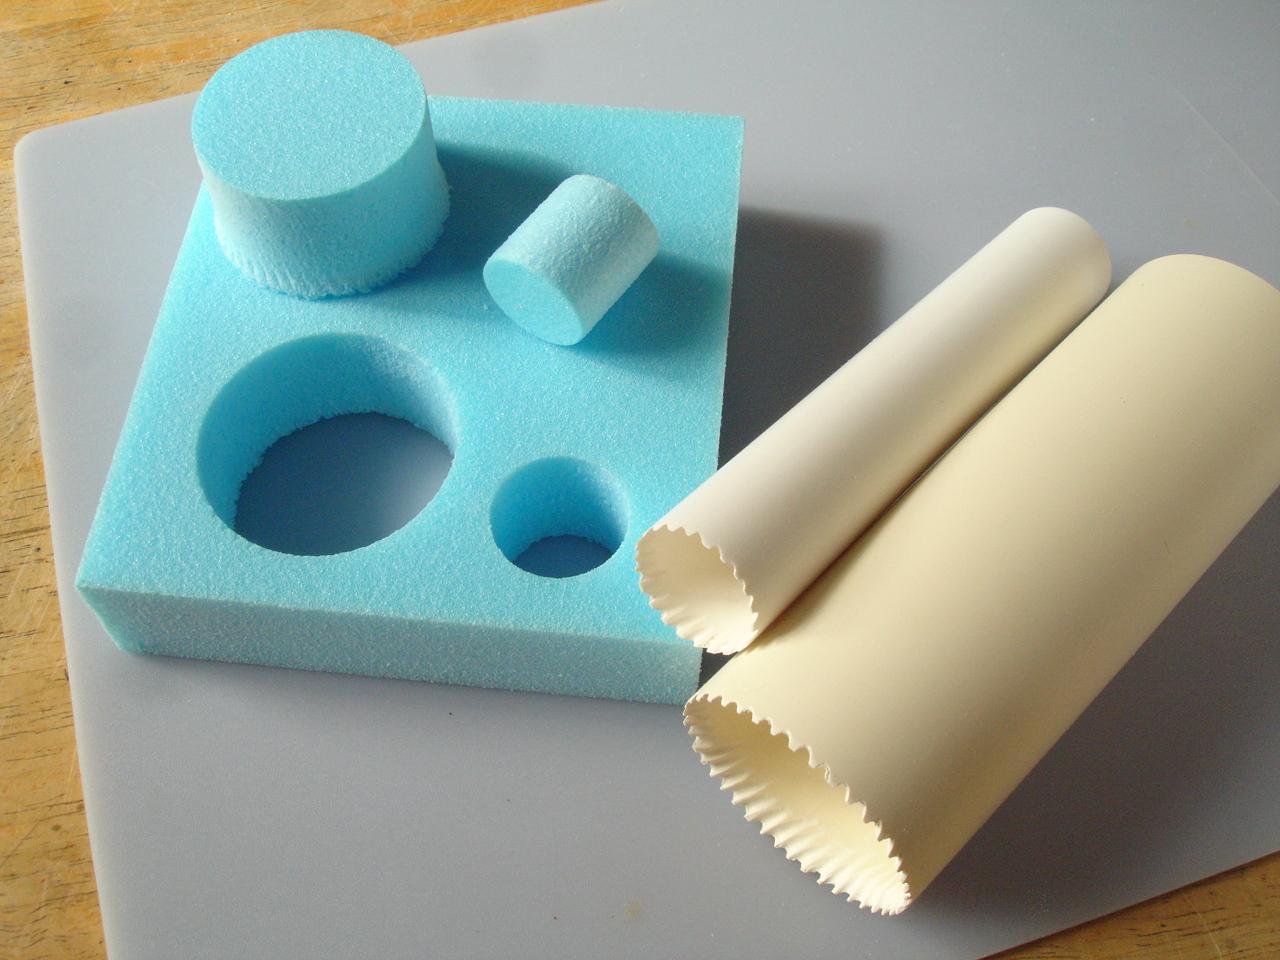 hole-cutting tools for rigid foam